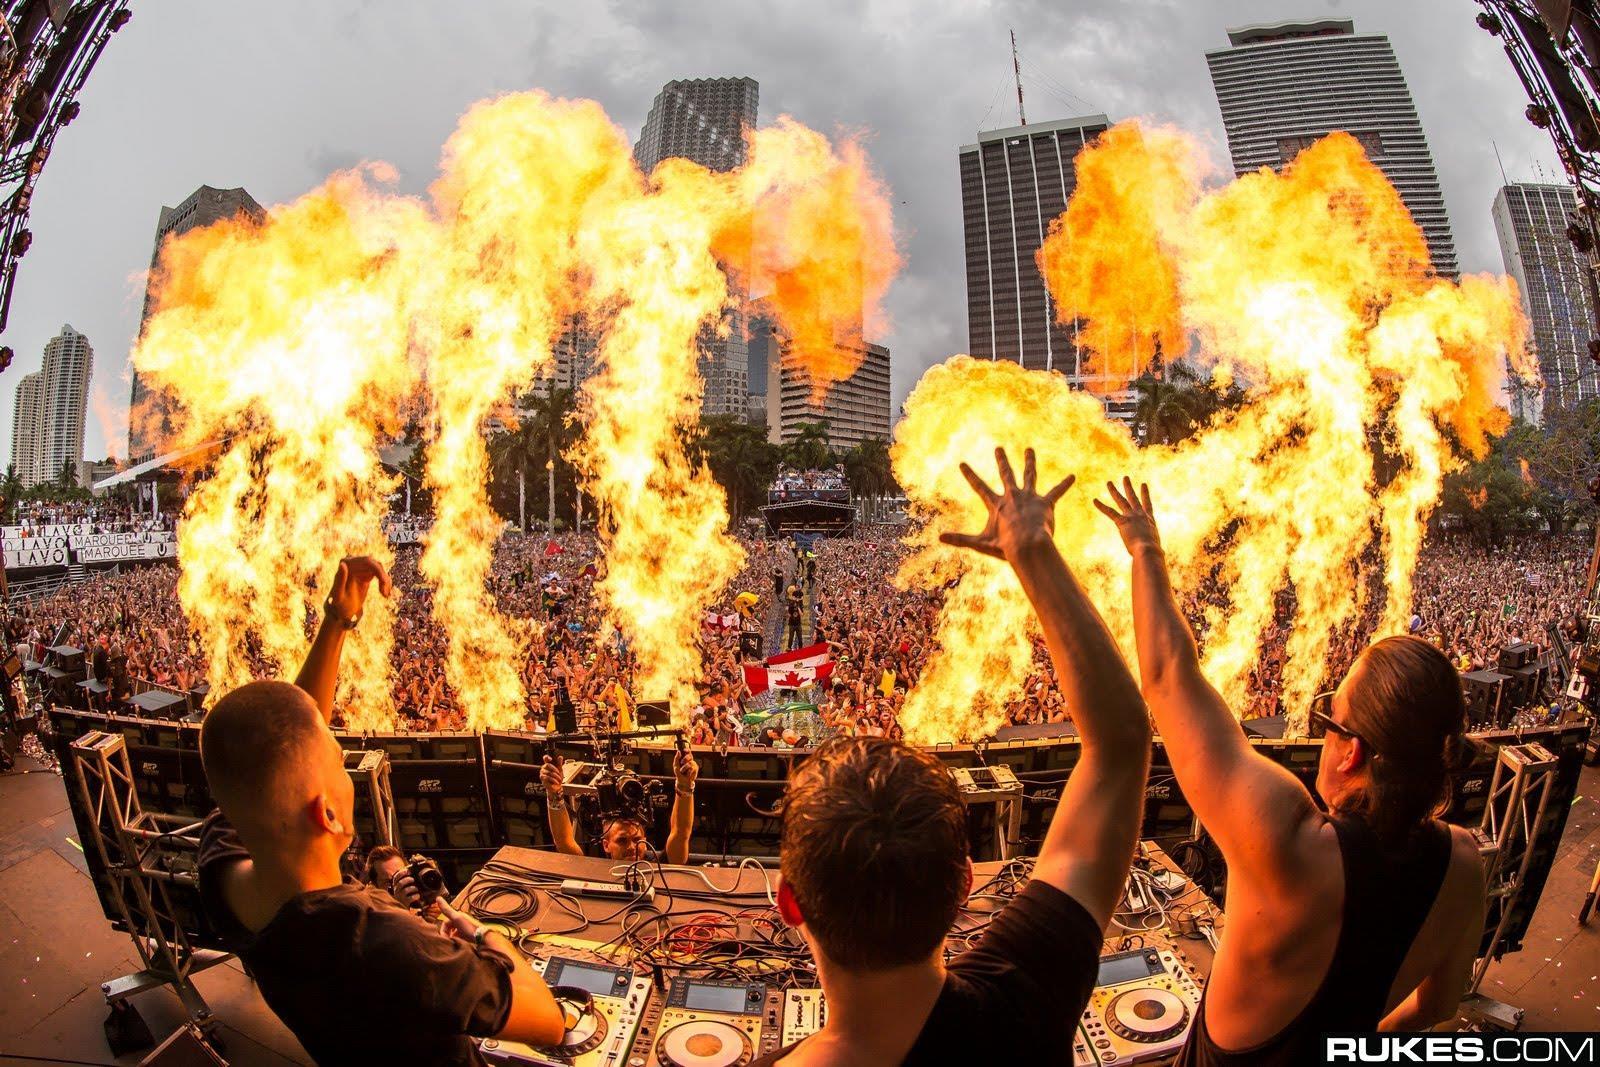 ultra_music_festival